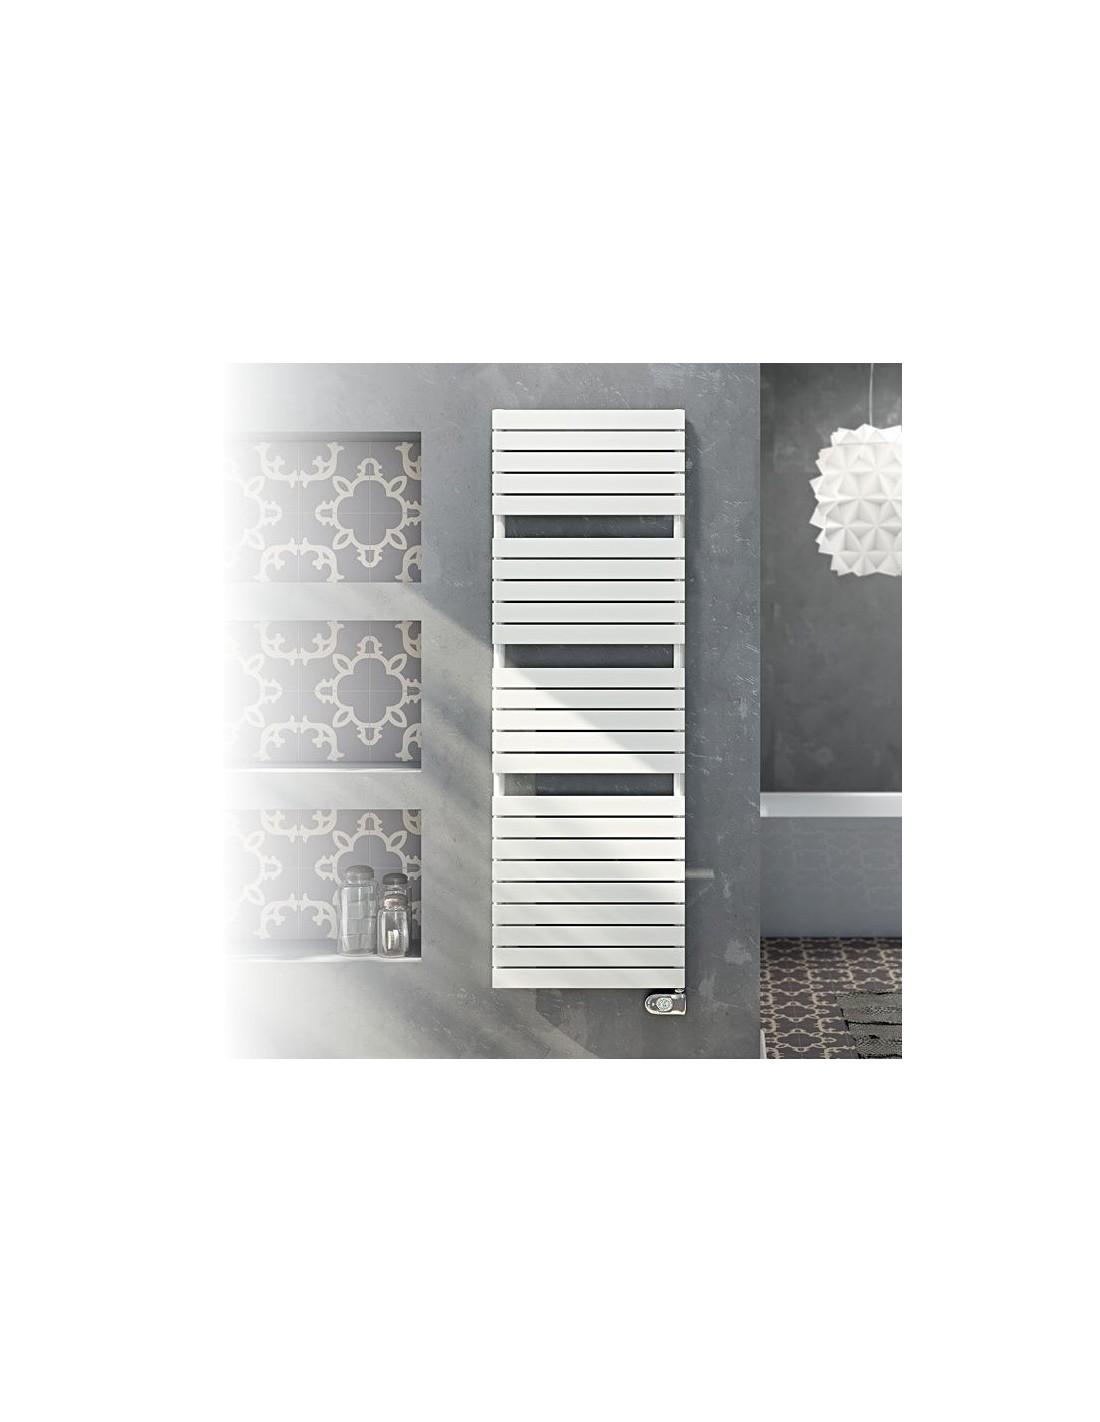 Sèche serviettes électrique Dory 600W finition blanche